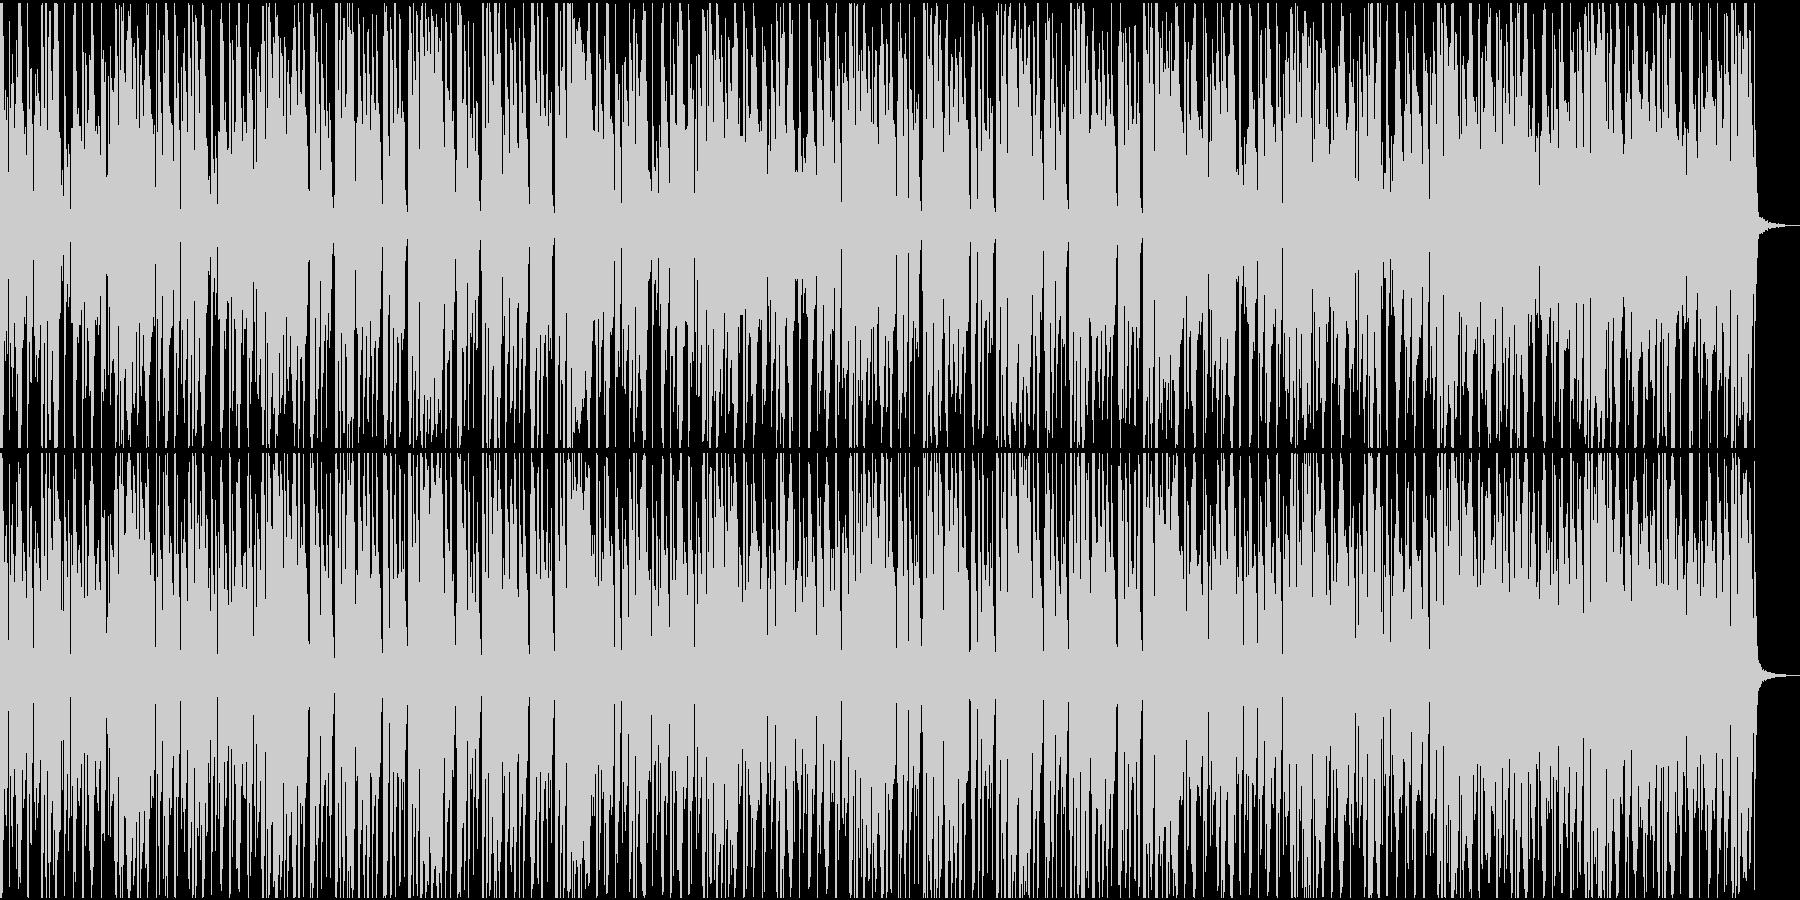 ノリノリなファンクBGMの未再生の波形